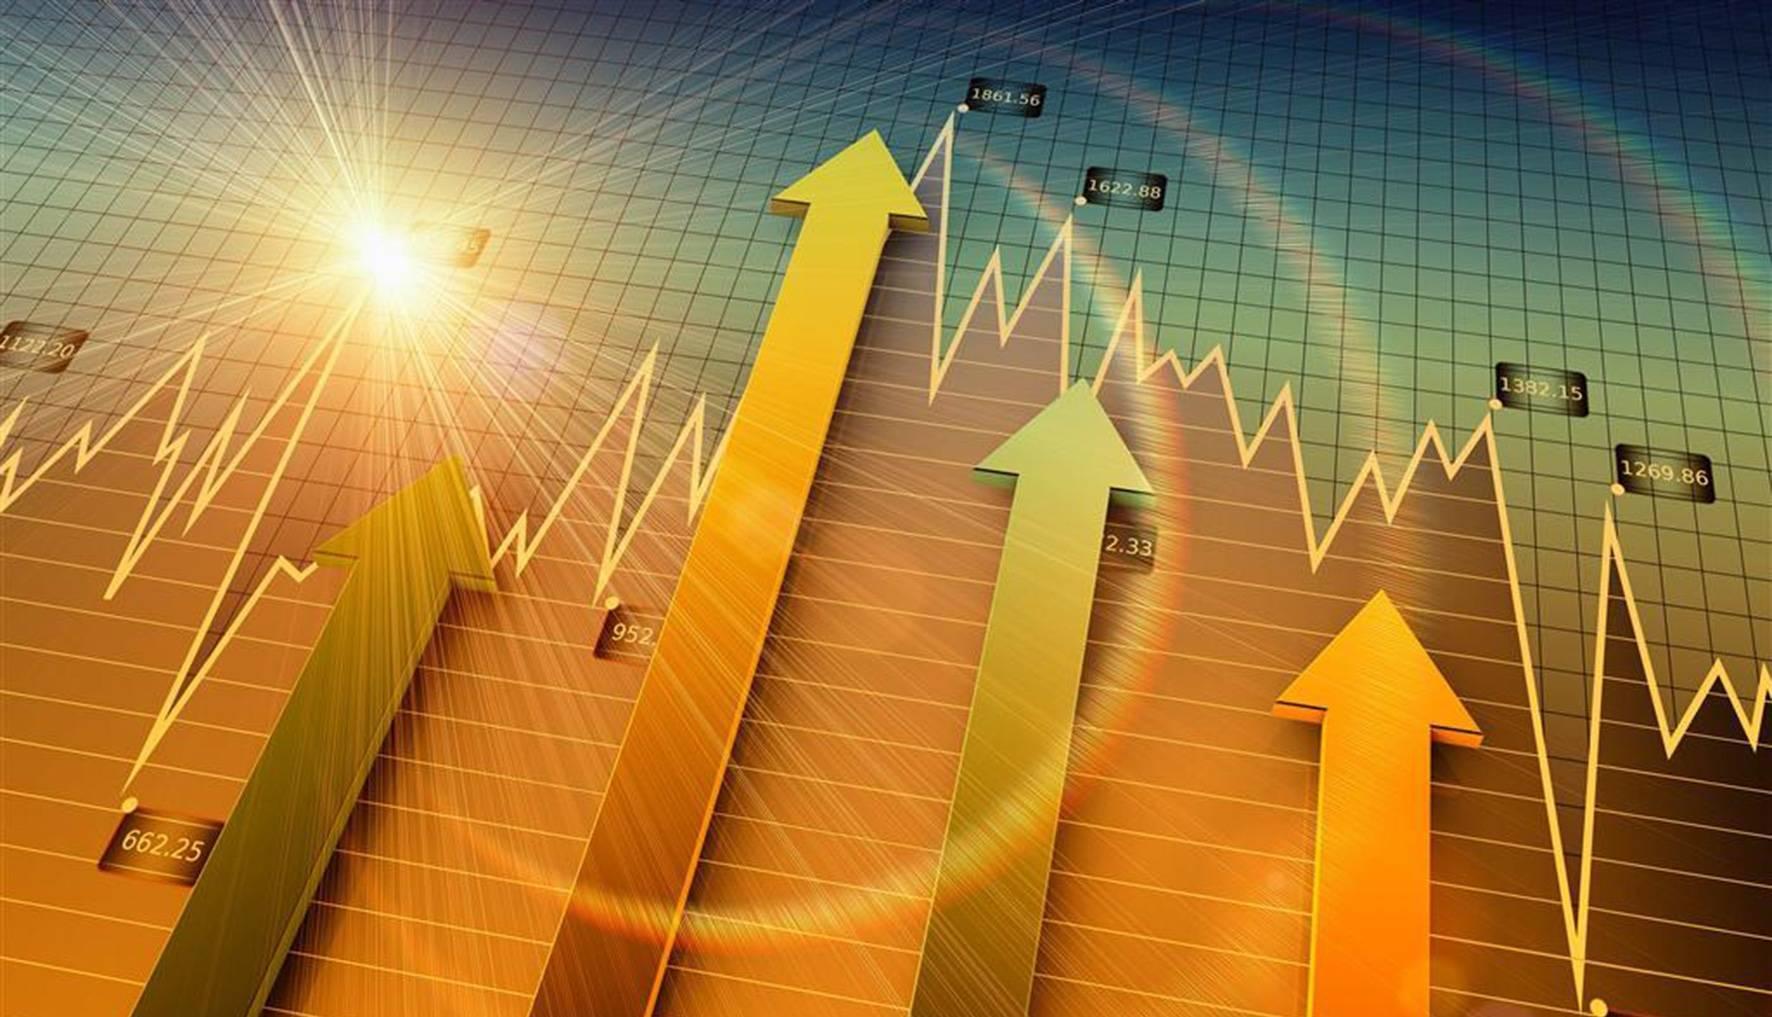 今日股市行情播报:5支股票跌停